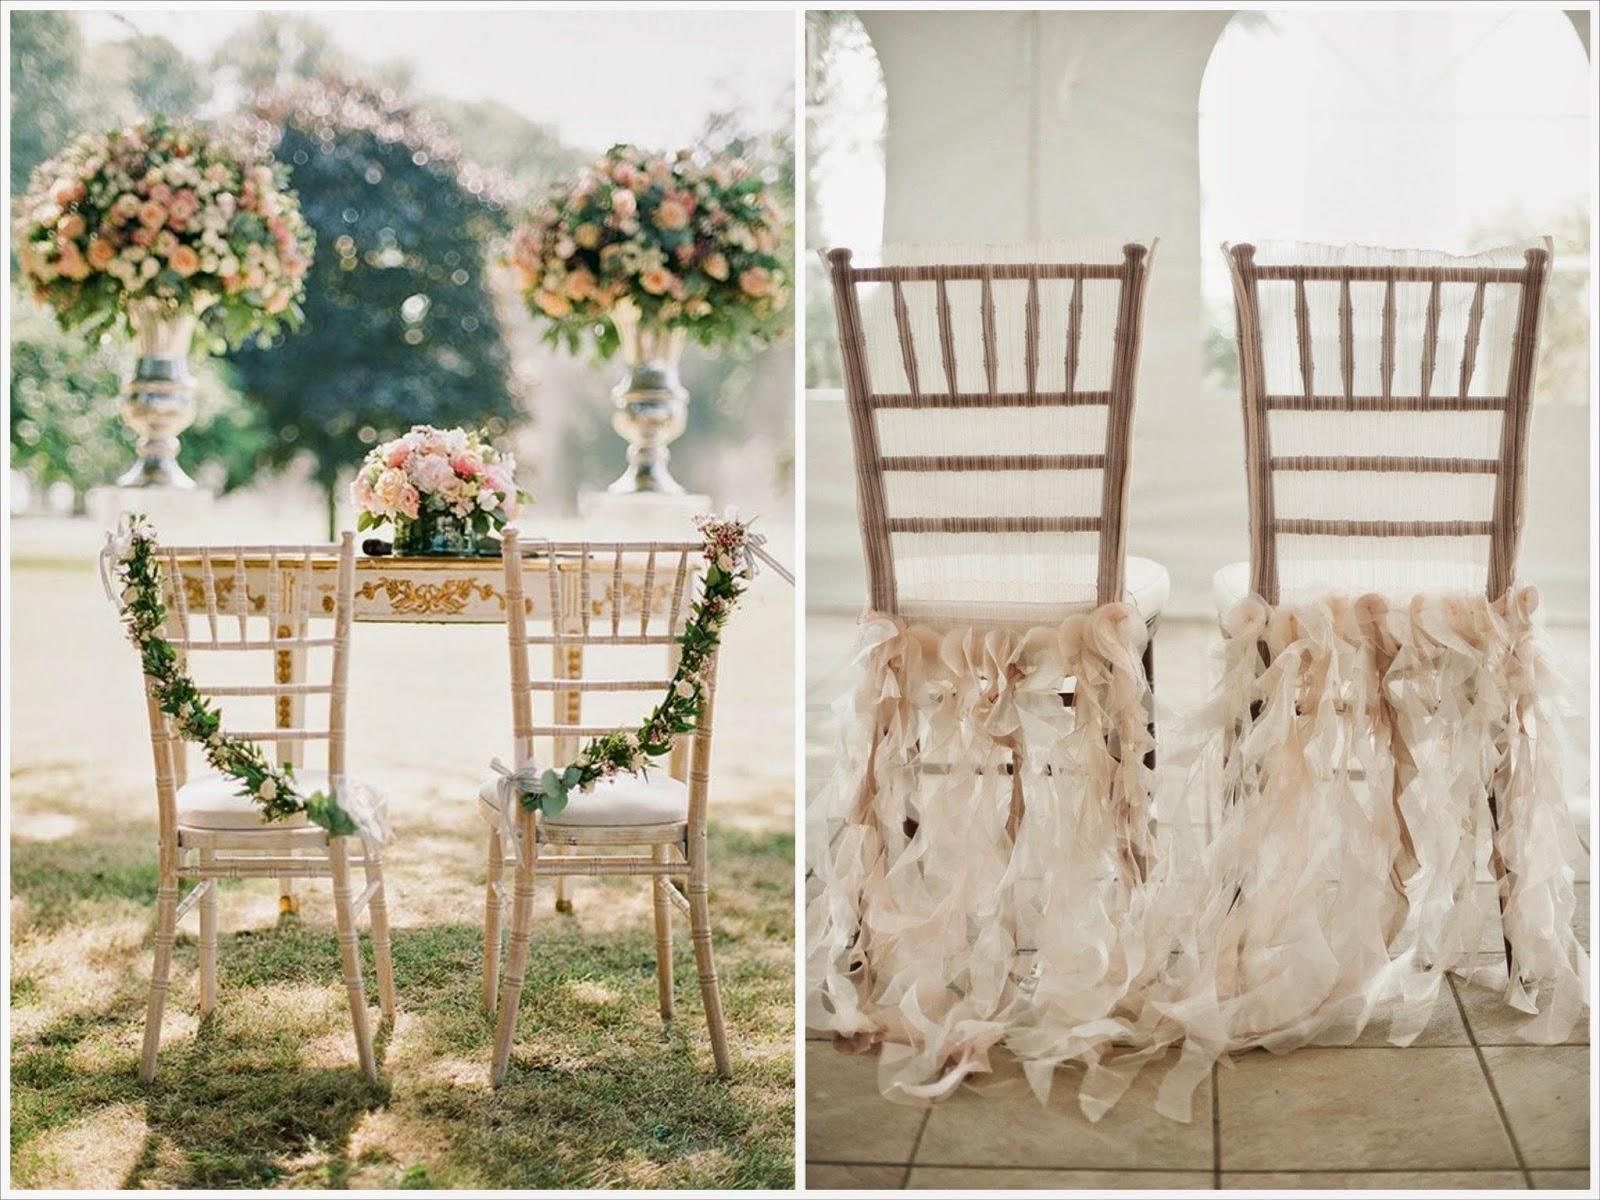 Blog de tu d a con amor invitaciones y detalles de boda for Sillas para habitacion matrimonio